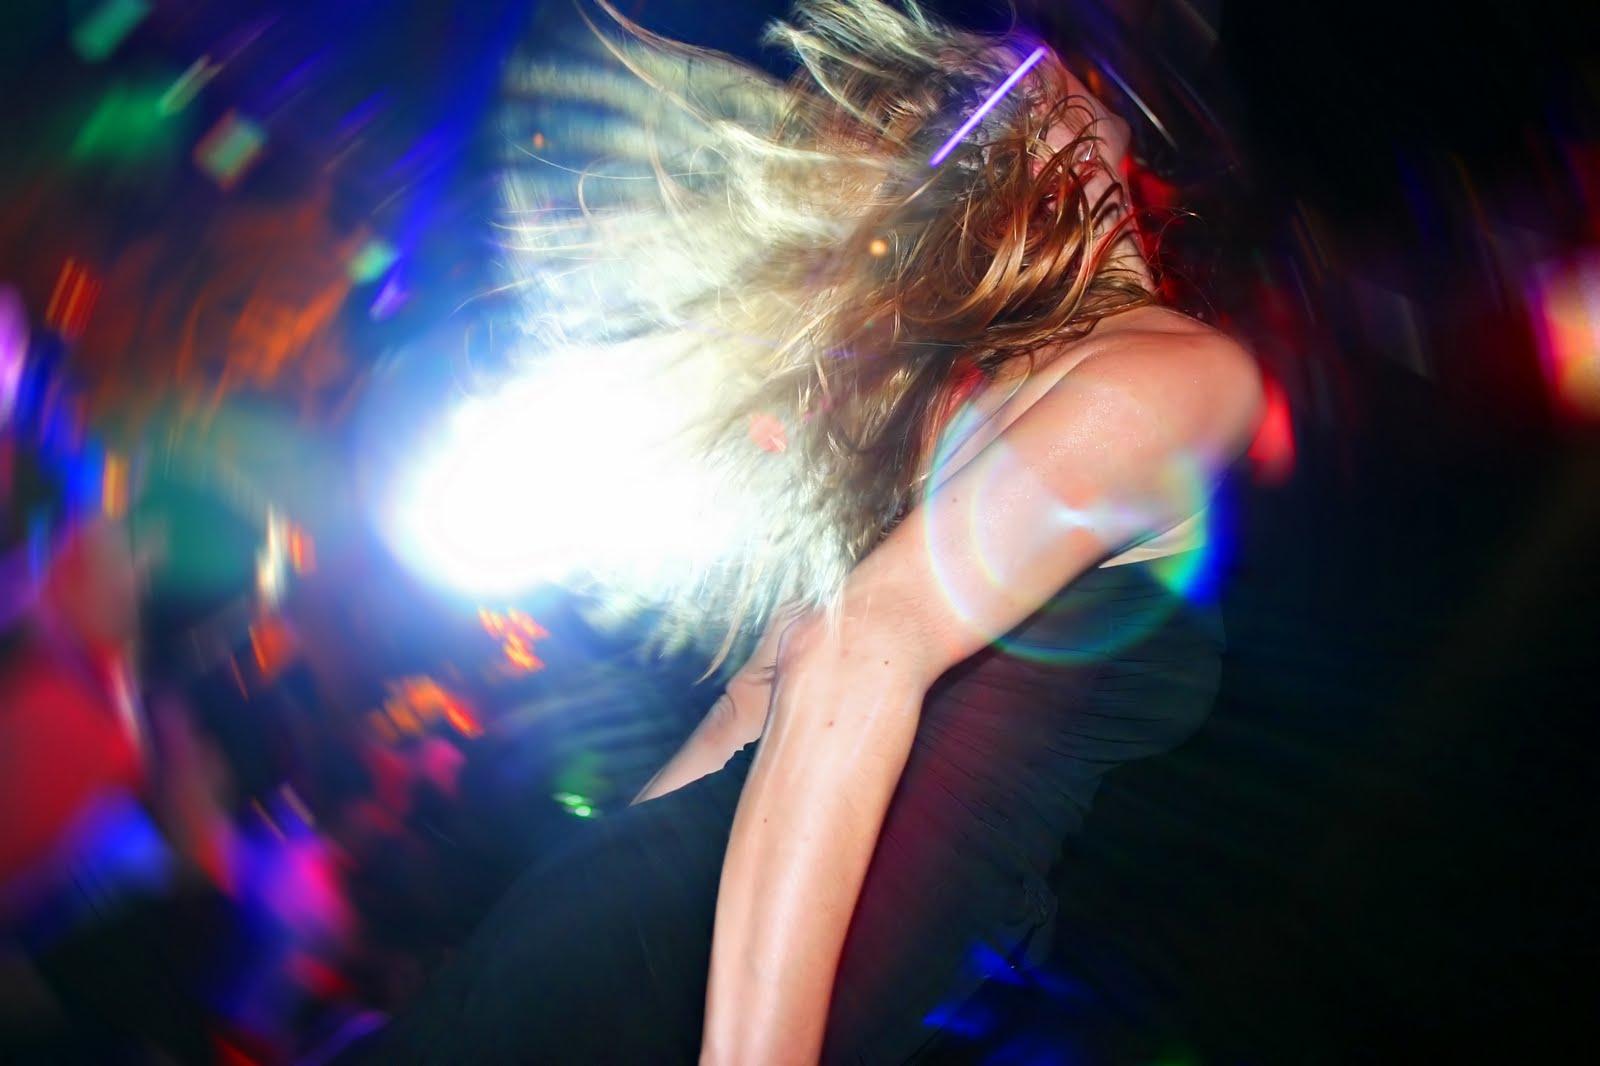 Секс танцы девочек на дискотеках 3 фотография